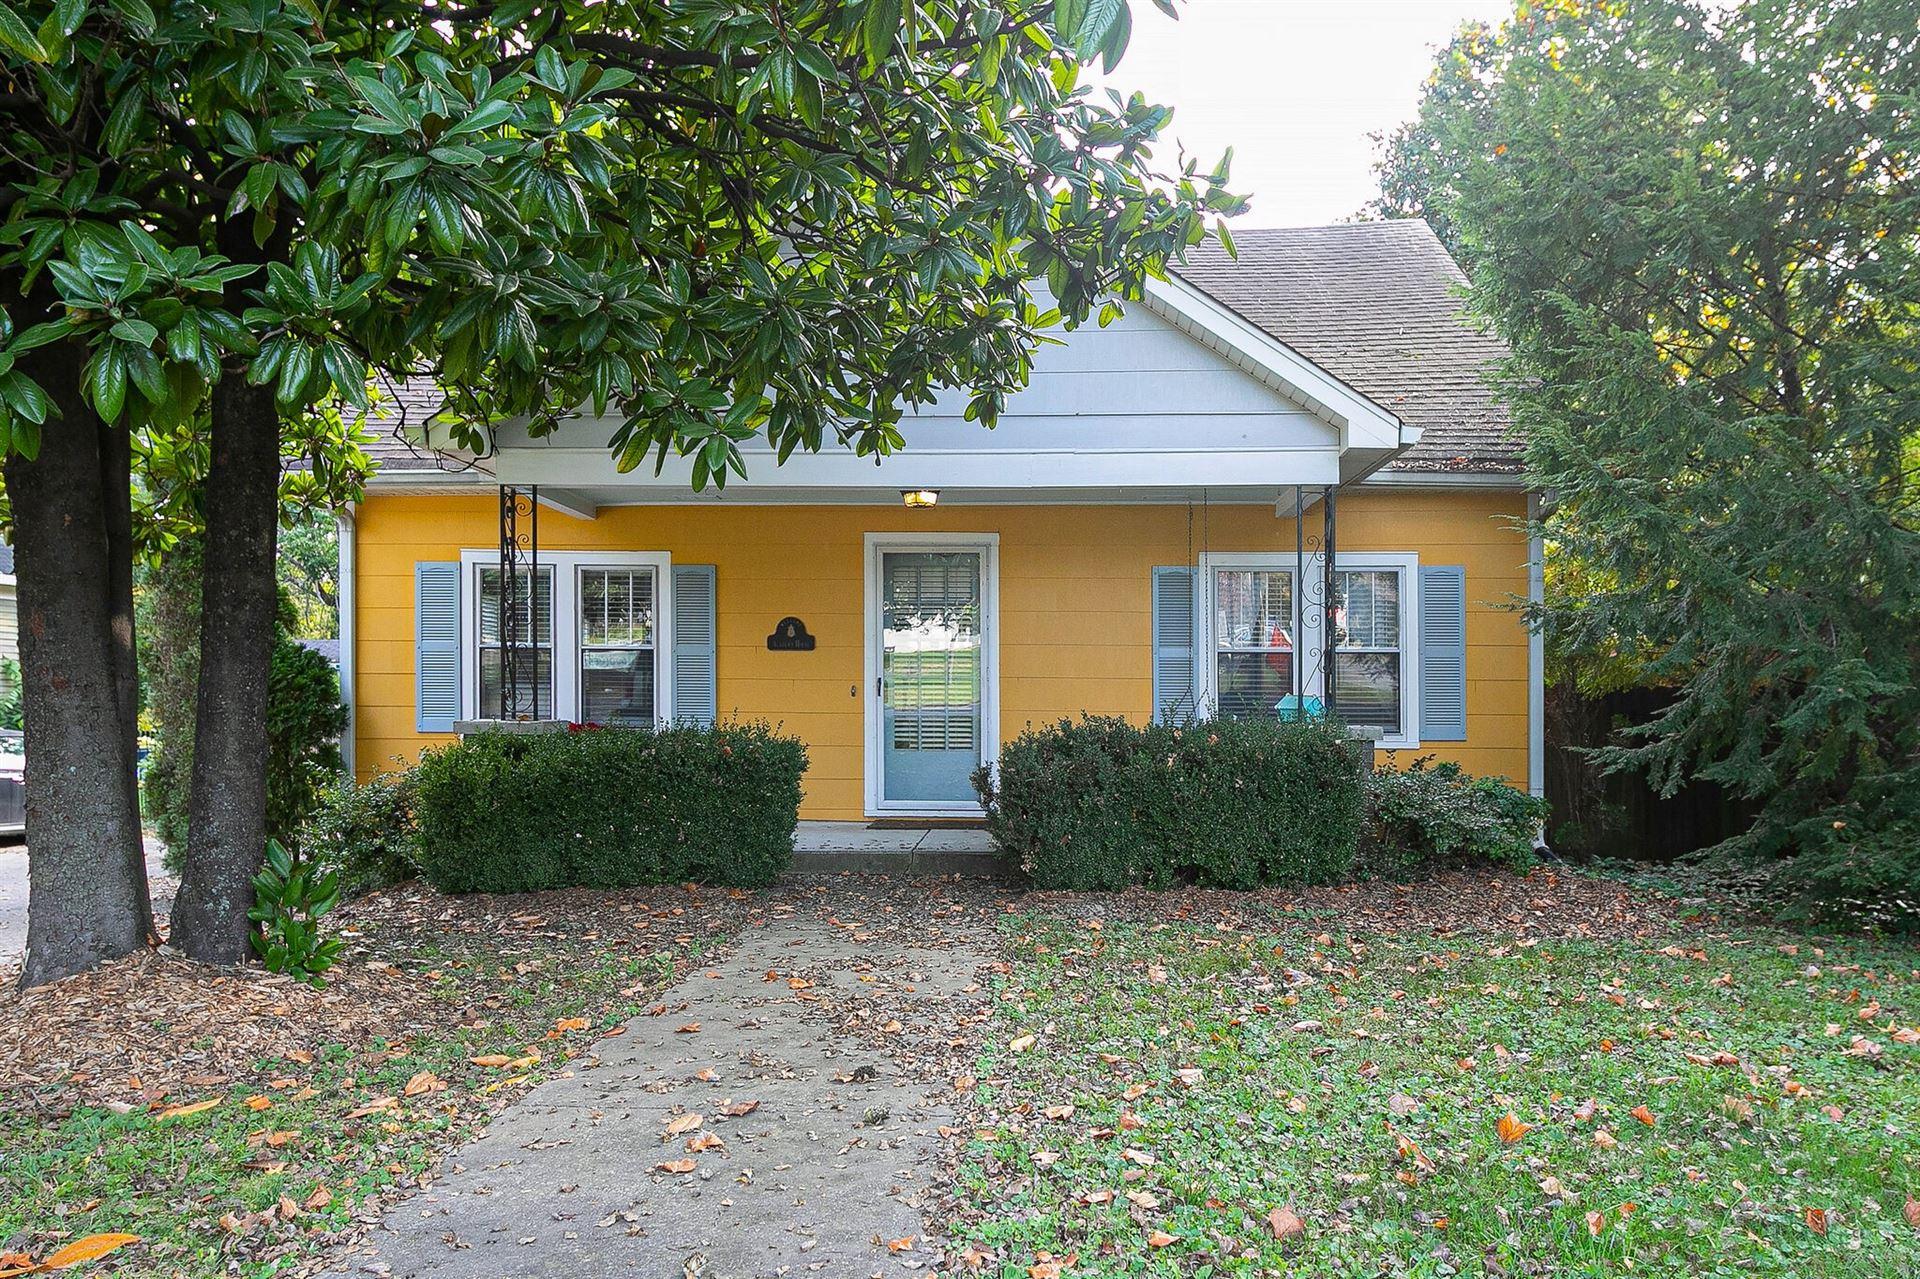 1345 Columbia Ave, Franklin, TN 37064 - MLS#: 2200427